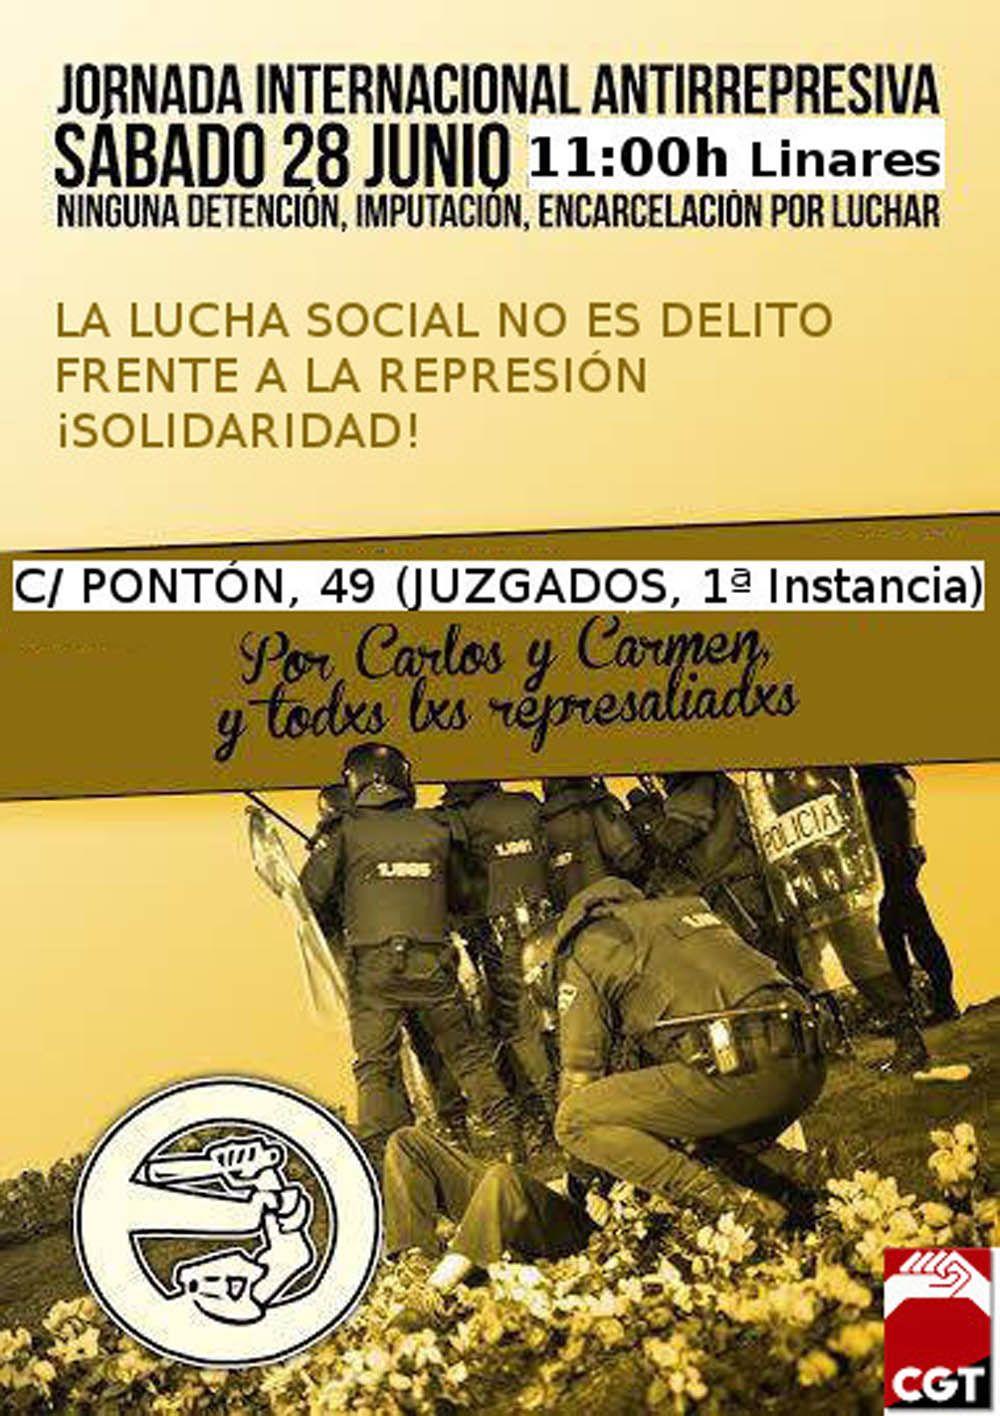 CGT organiza una concentración a las puertas de los Juzgados de Linares